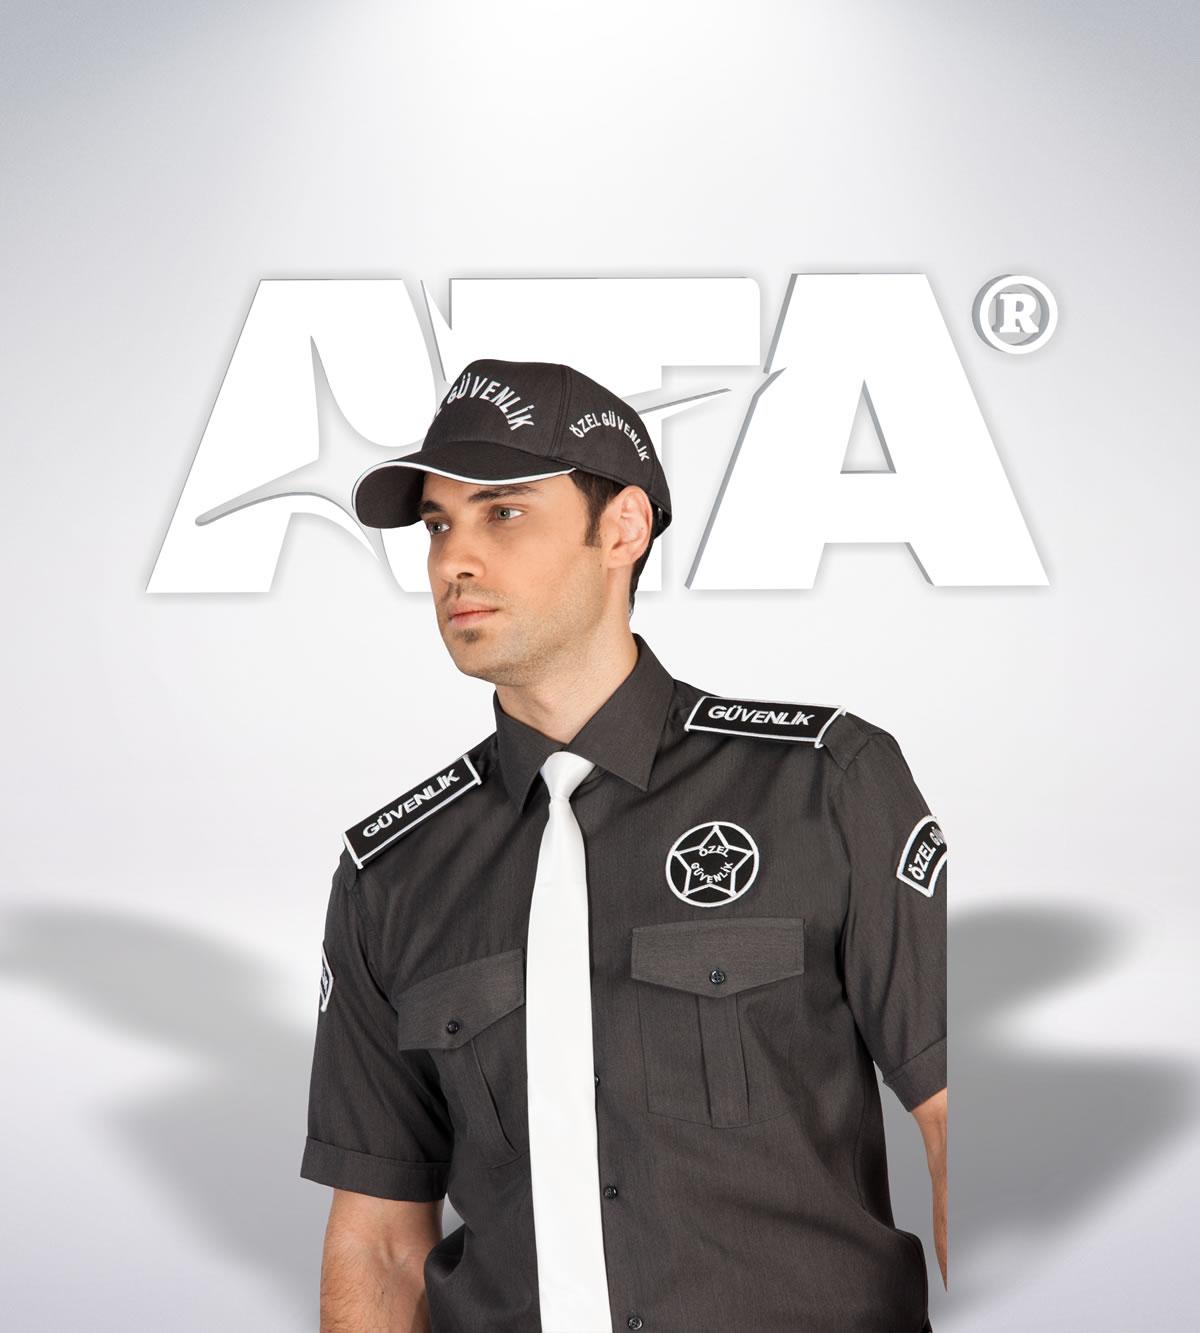 ATA 133 - Gömlek yazlık kışlık - aksesuar - güvenlik elbiseleri | güvenlik üniformaları | güvenlik kıyafetleri